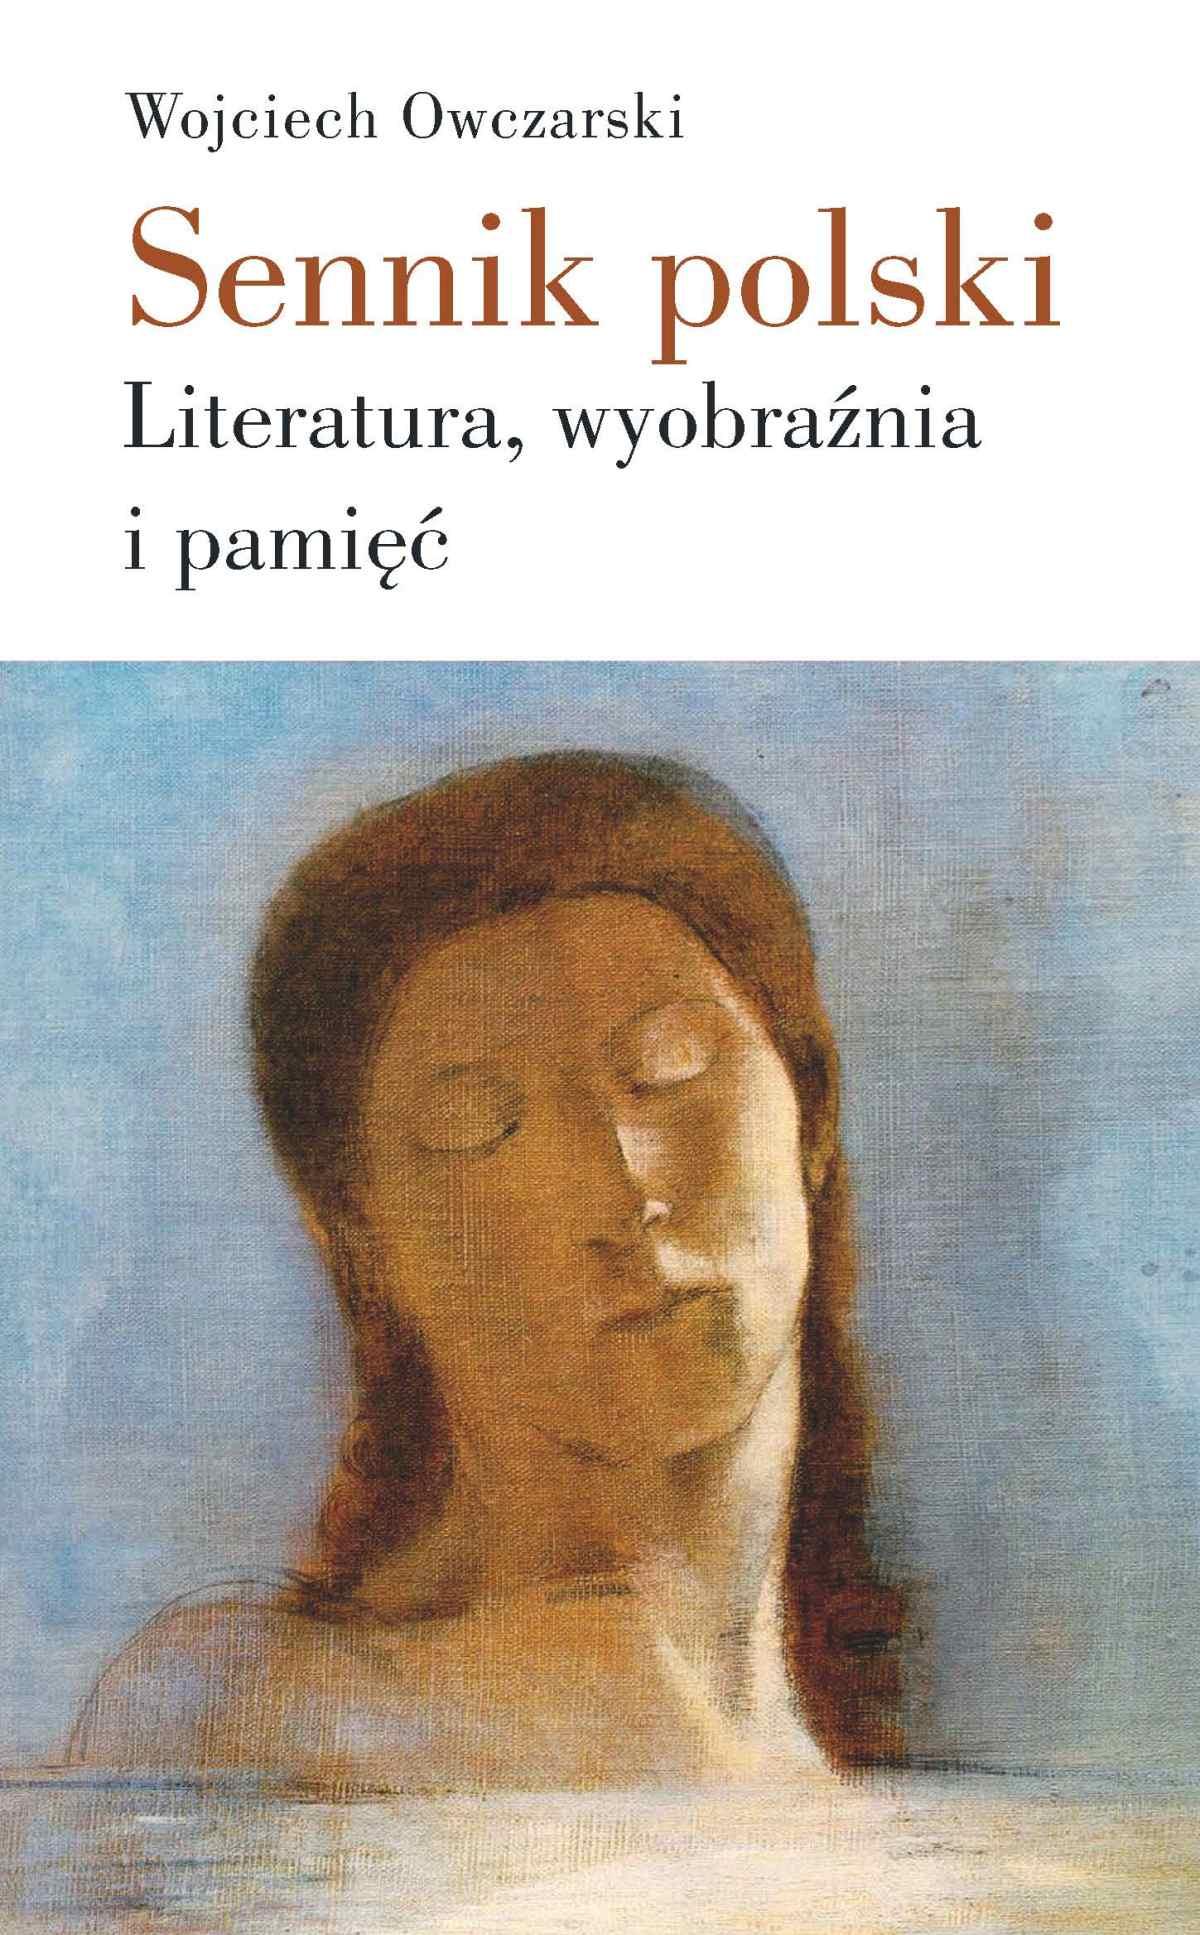 Sennik polski. Literatura, wyobraźnia i pamięć - Ebook (Książka EPUB) do pobrania w formacie EPUB